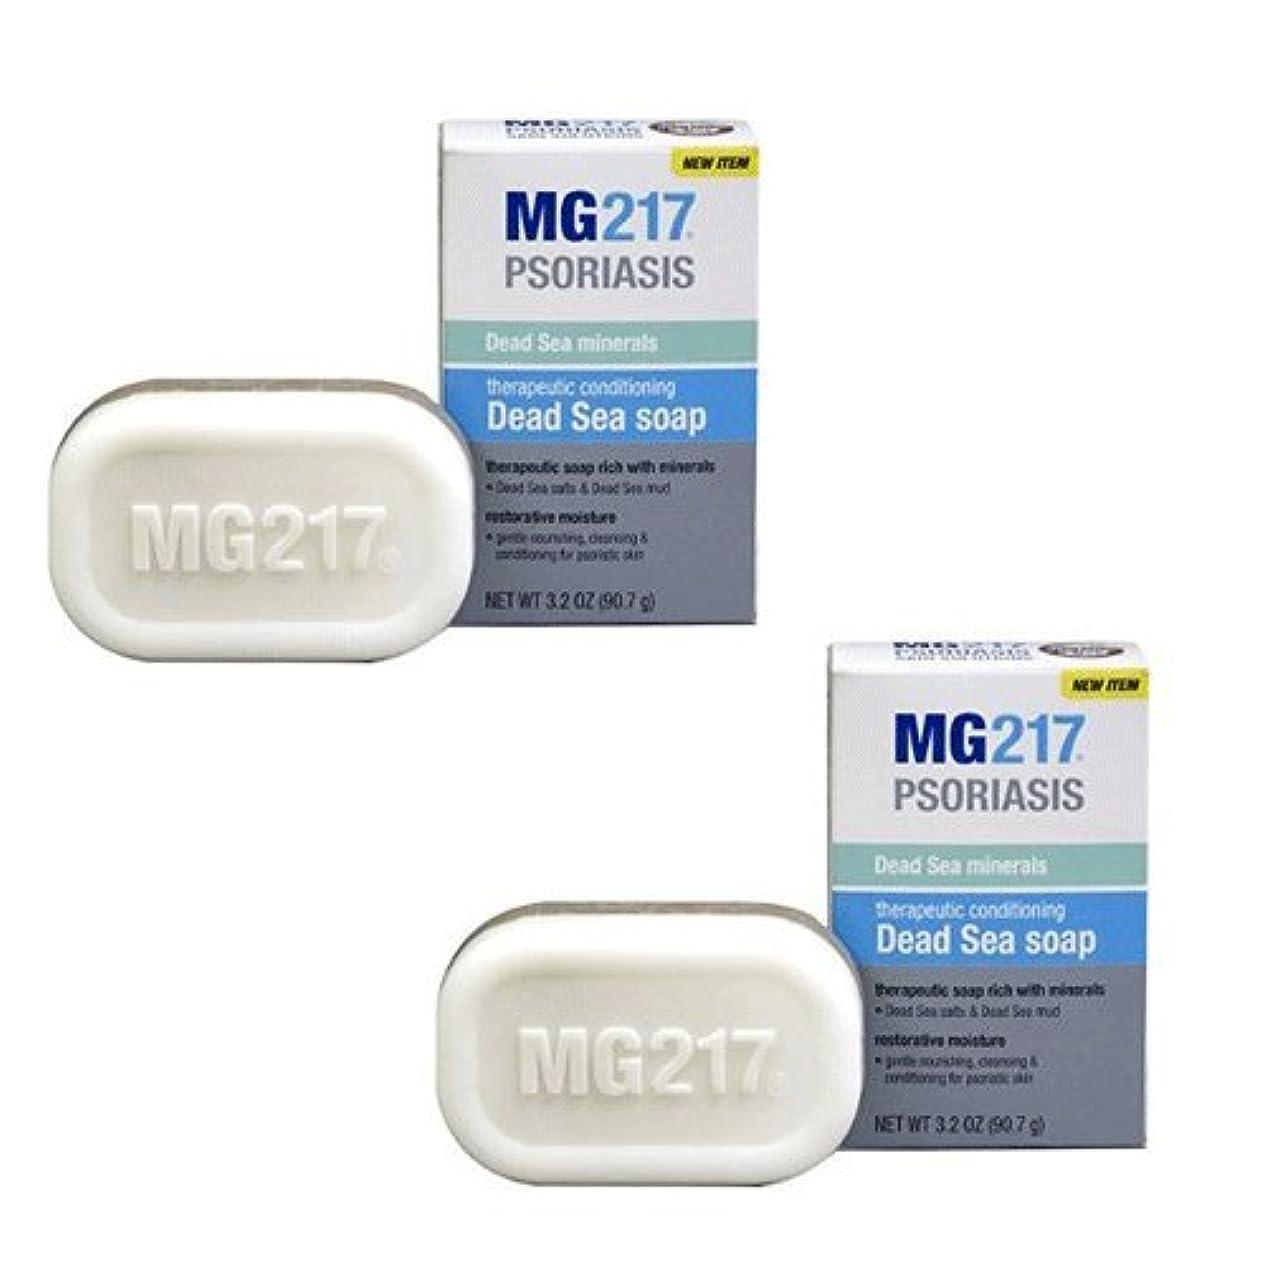 一時的ロースト飢2個セット 死海の泥とミネラルたっぷり MG217ソープ 90g MG217 Psoriasis Therapeutic Conditioning Dead Sea Bar Soap